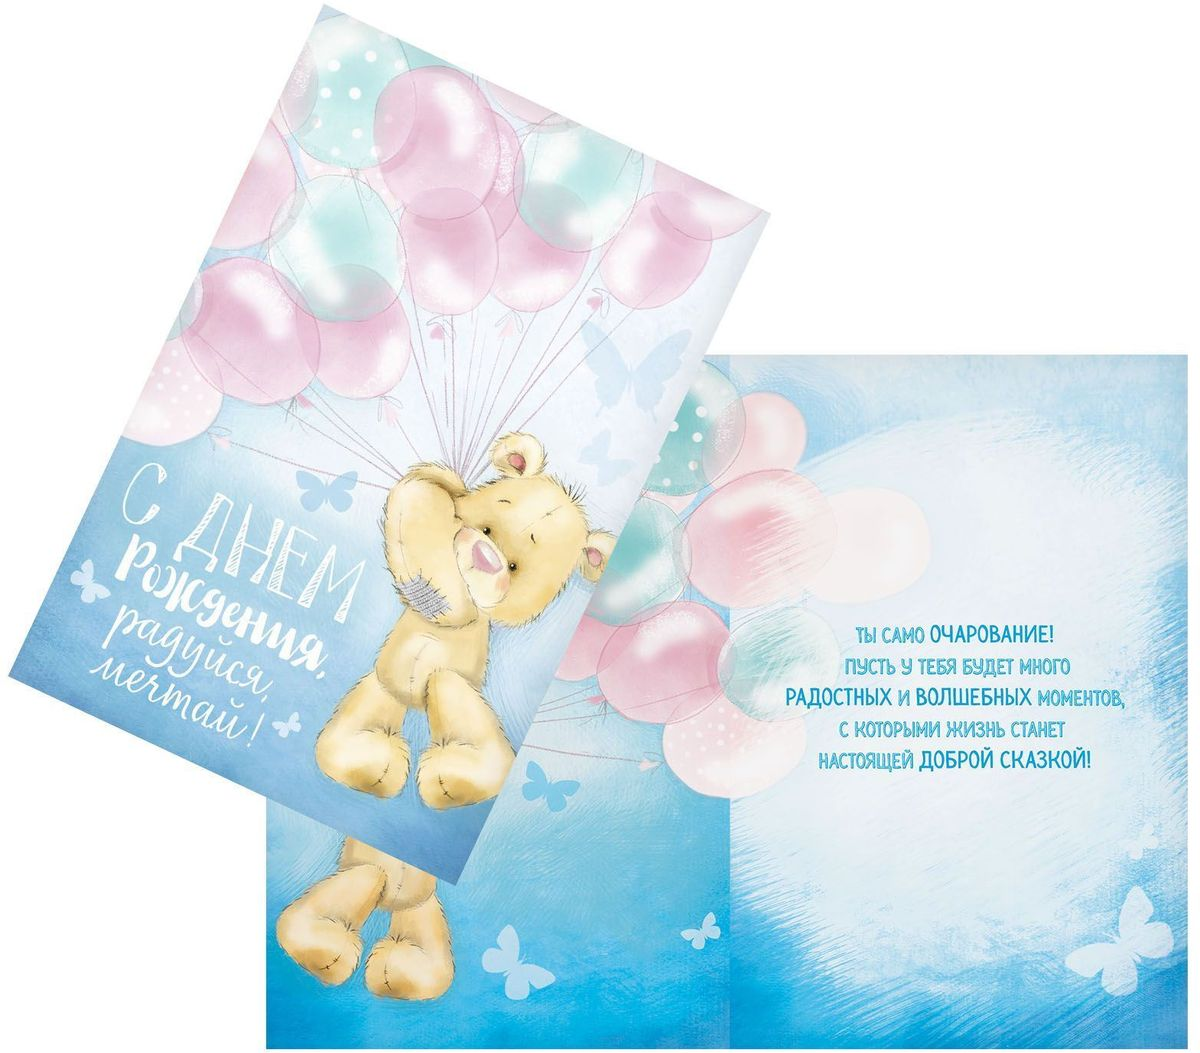 Открытка Дарите cчастье Радуйся мечтам, 12 х 18 см1744812Атмосферу праздника создают детали: свечи, цветы, бокалы, воздушные шары и поздравительные открытки - яркие и весёлые, романтичные и нежные, милые и трогательные.Расскажите о своих чувствах дорогому для вас человеку, поделитесь радостью с близкими и друзьями. Открытка с креативным дизайном вам в этом поможет.